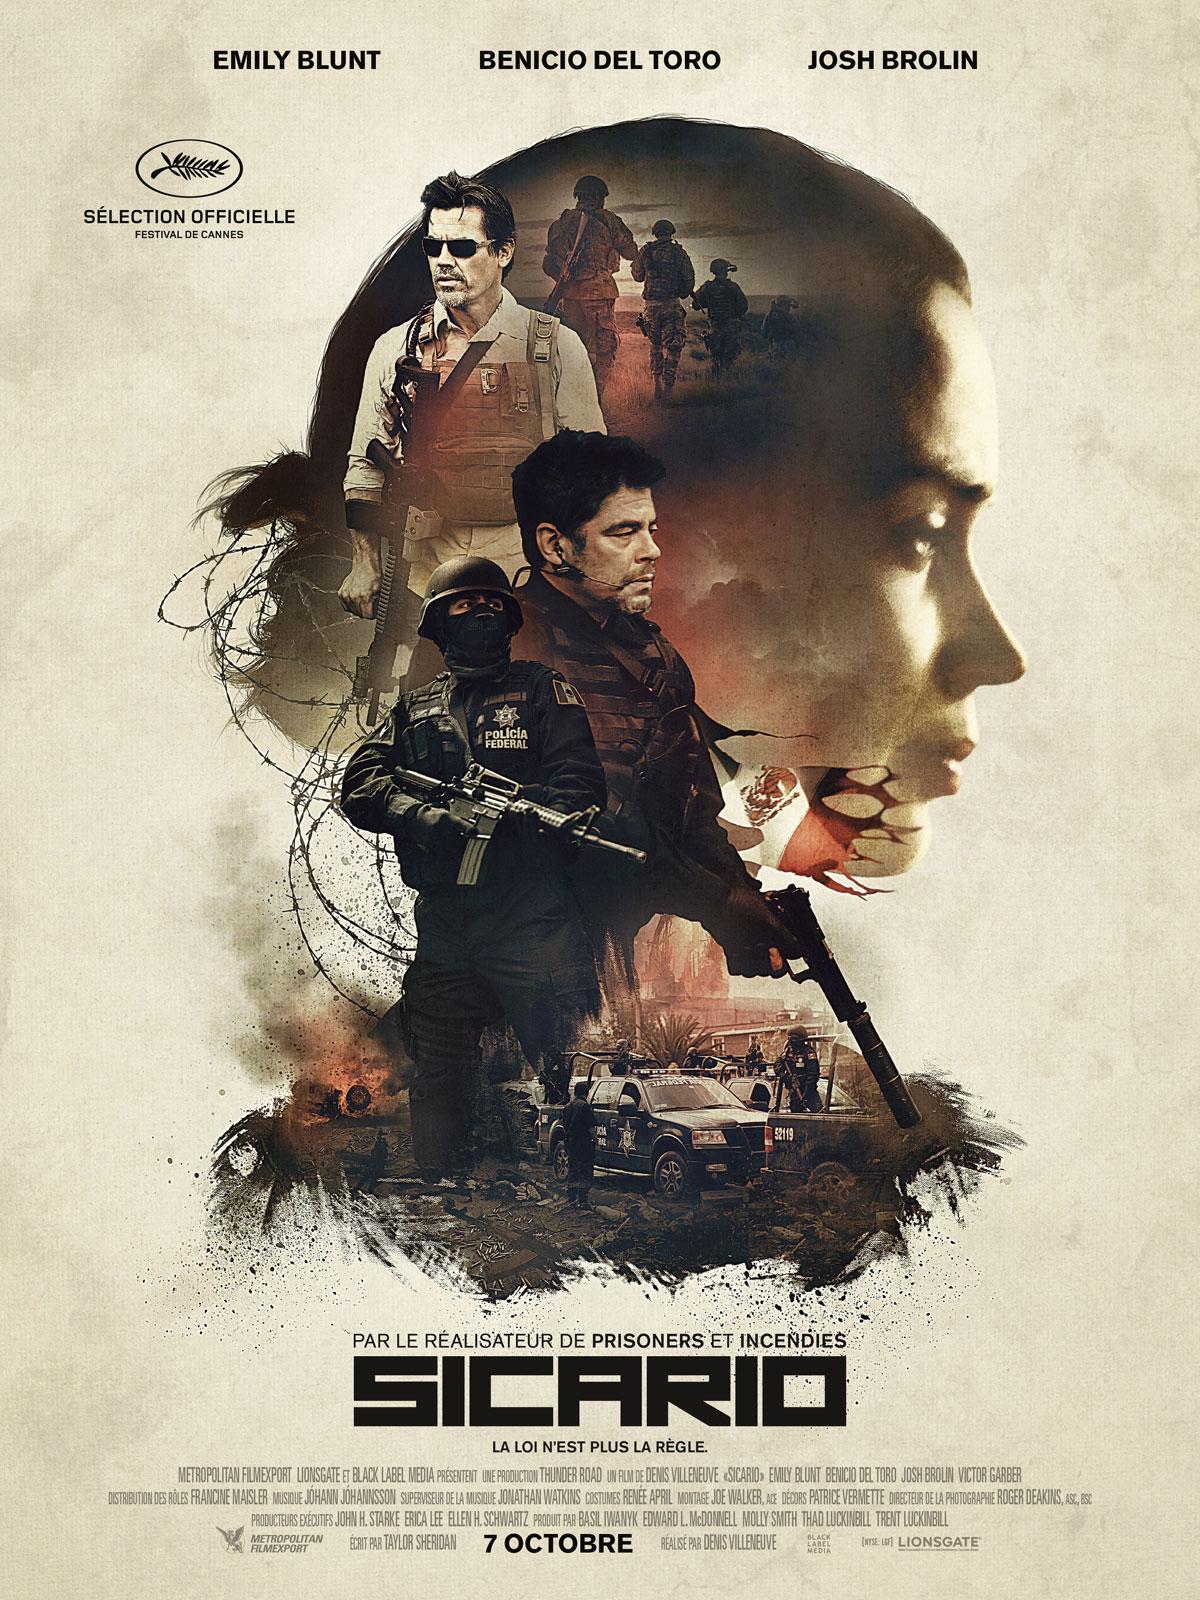 Le topic du cinéma ; le dernier film que vous avez vu ? - Page 6 261485